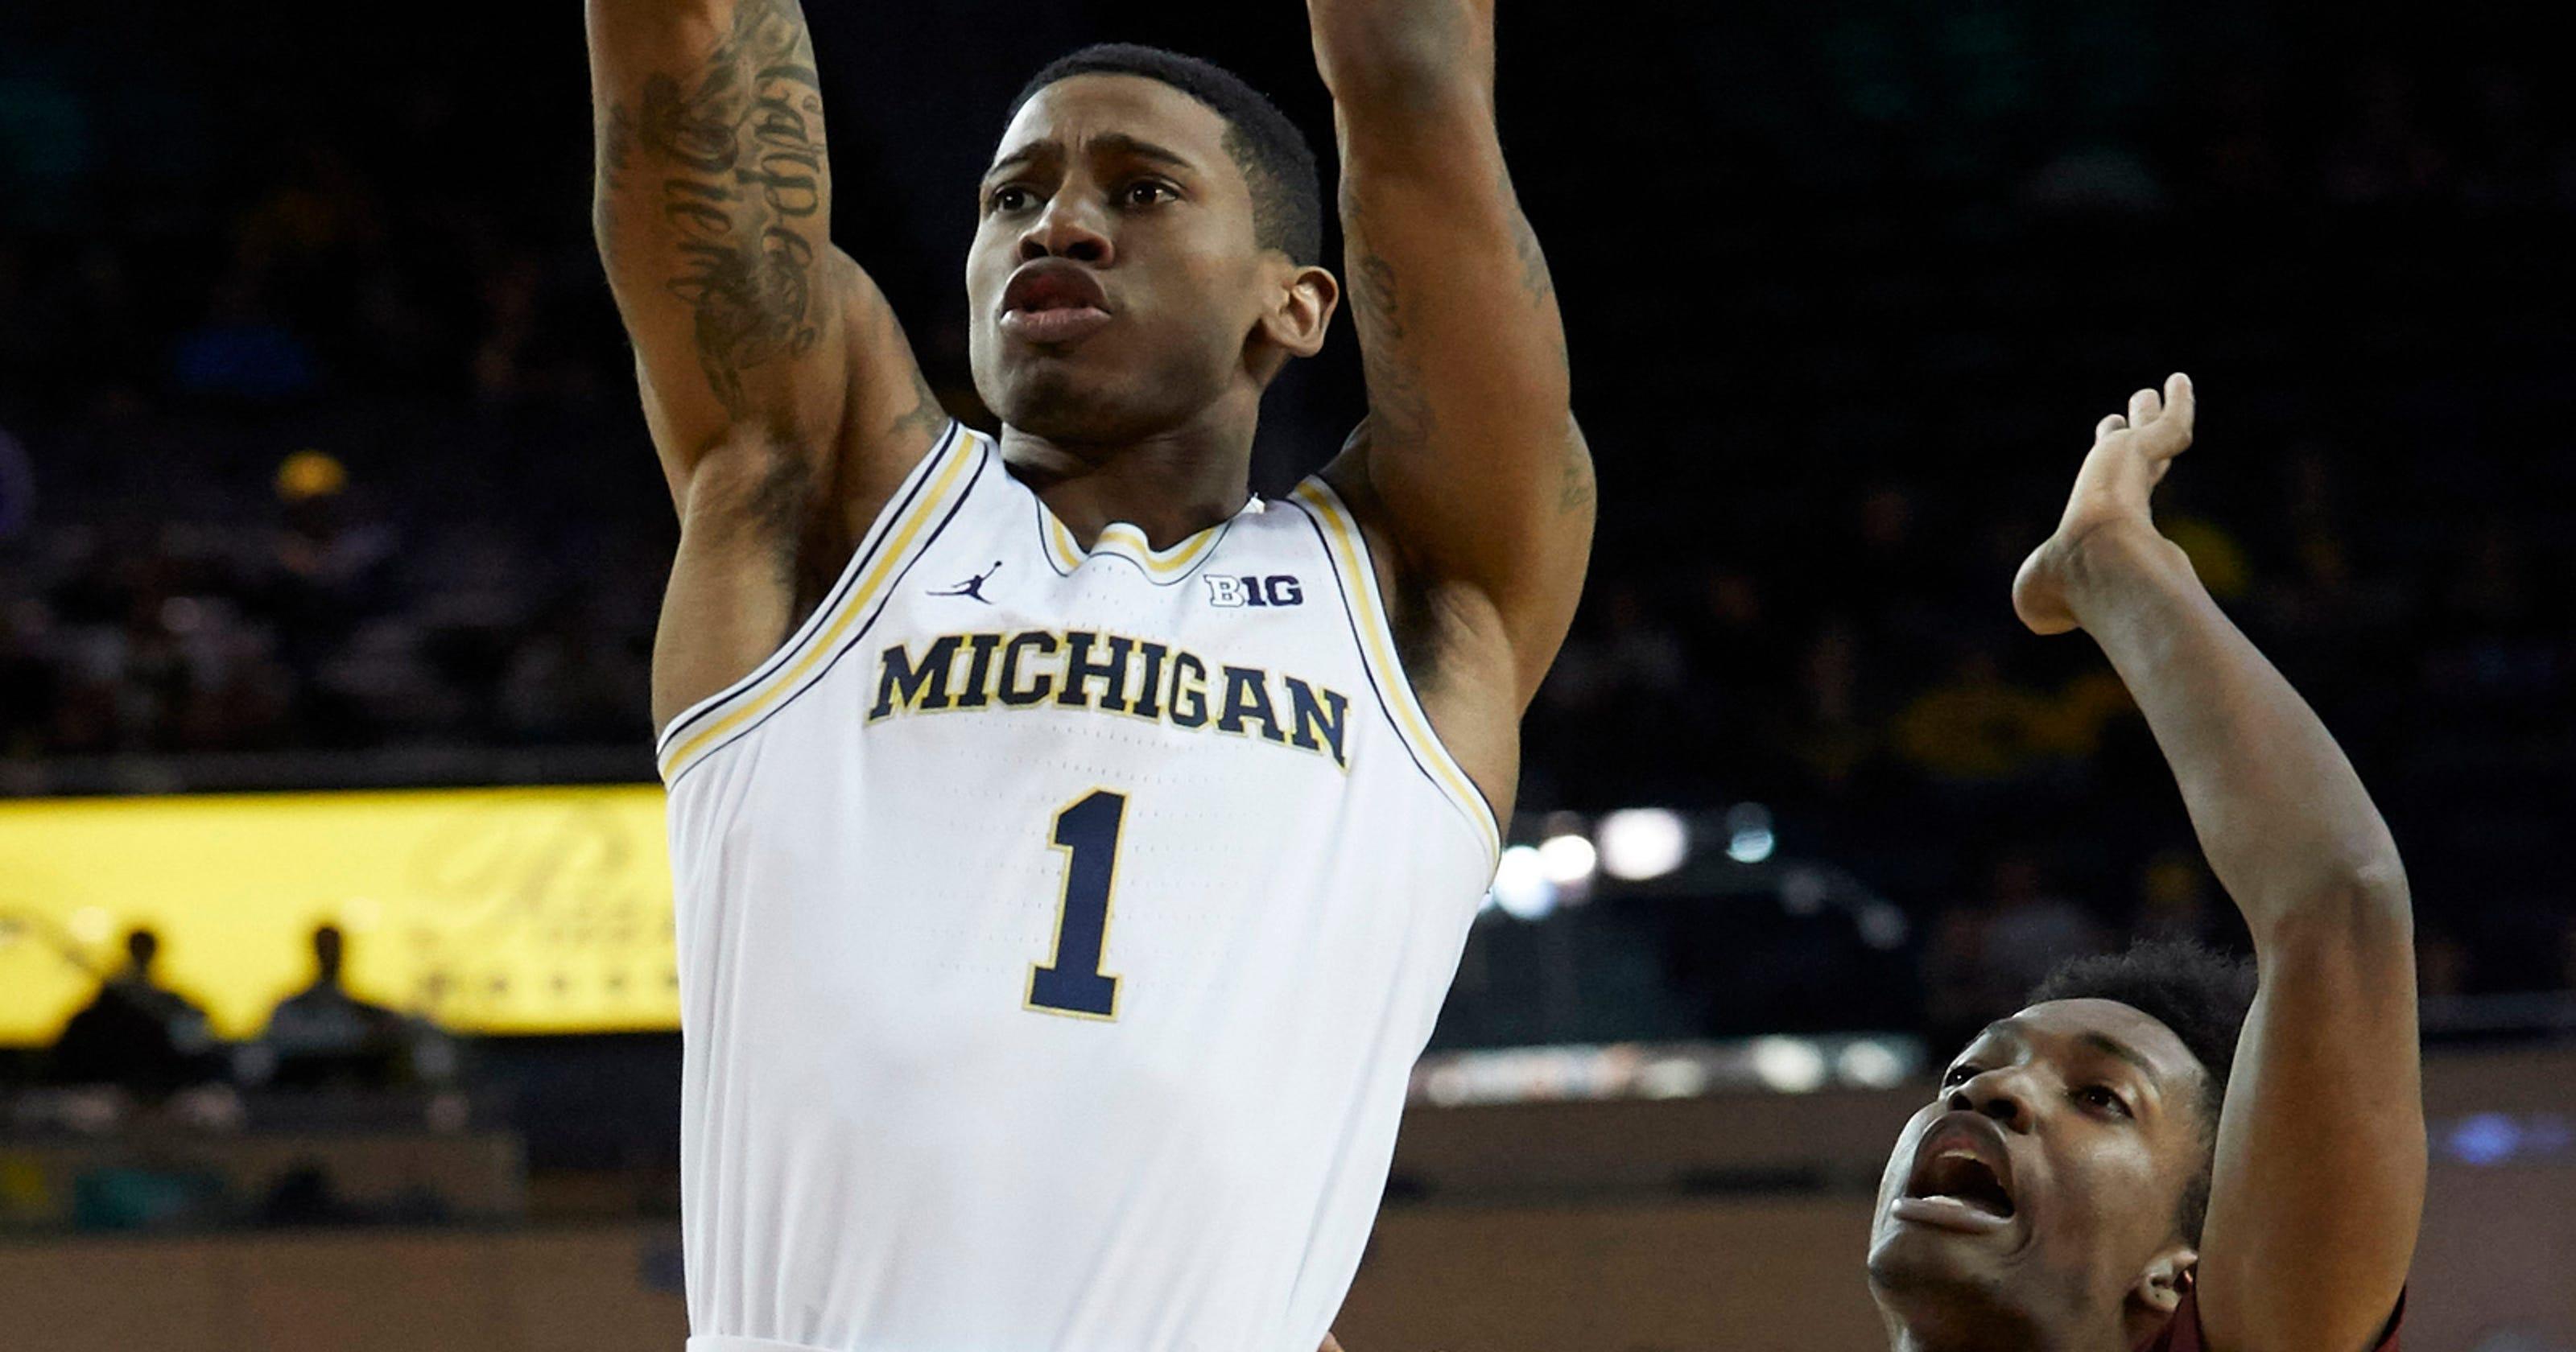 Michigan's Charles Matthews warming up as Big Ten play